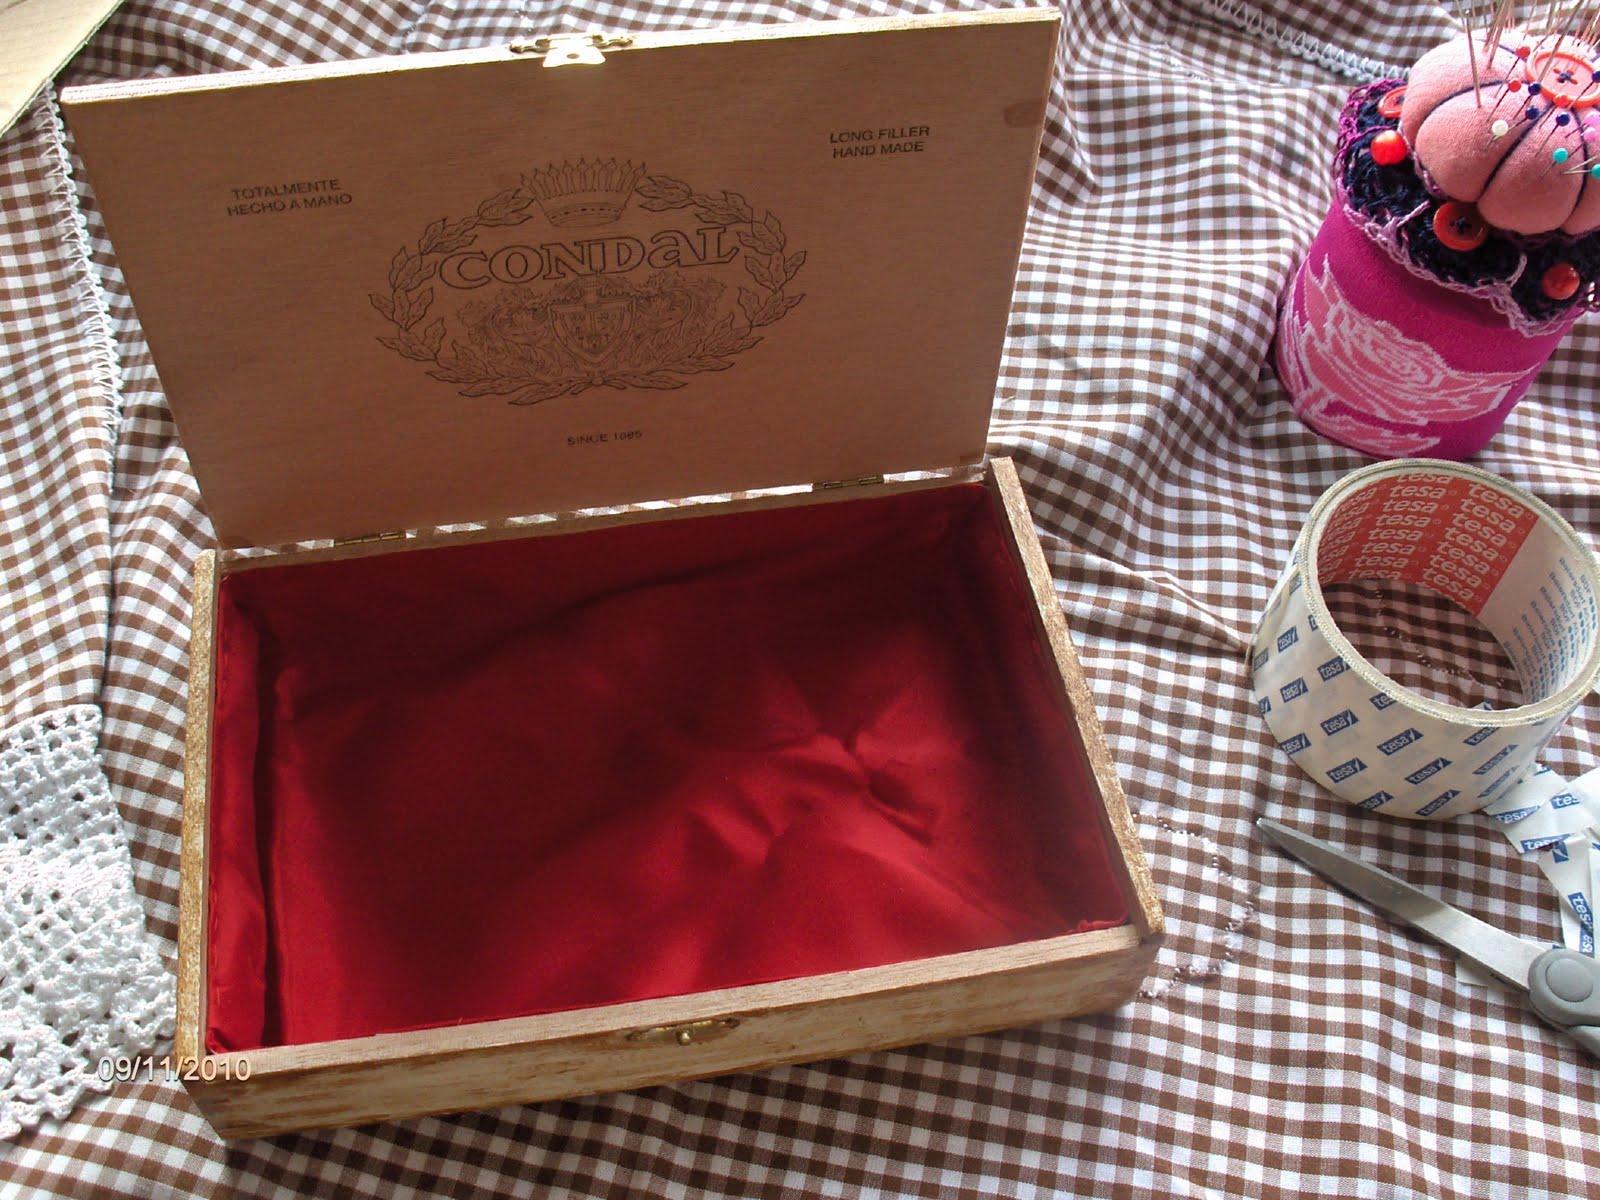 Aprendiz truco forrar el interior de una caja de madera - Forrar cajas de carton con telas ...